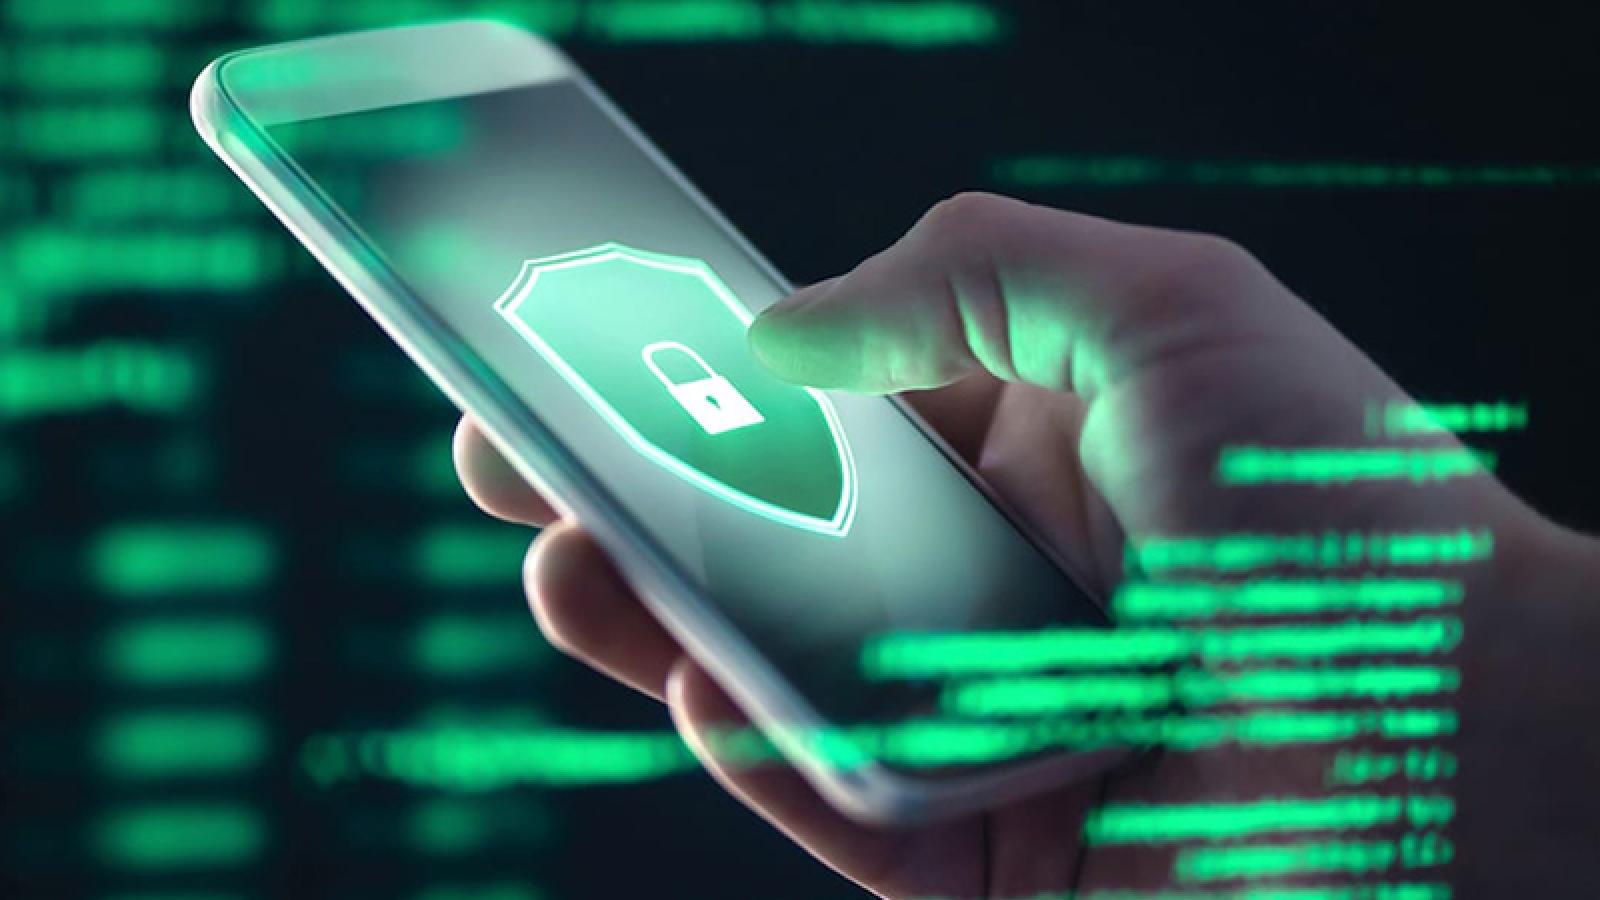 Mỹ triển khai lực lượng đặc nhiệm chống ransomware